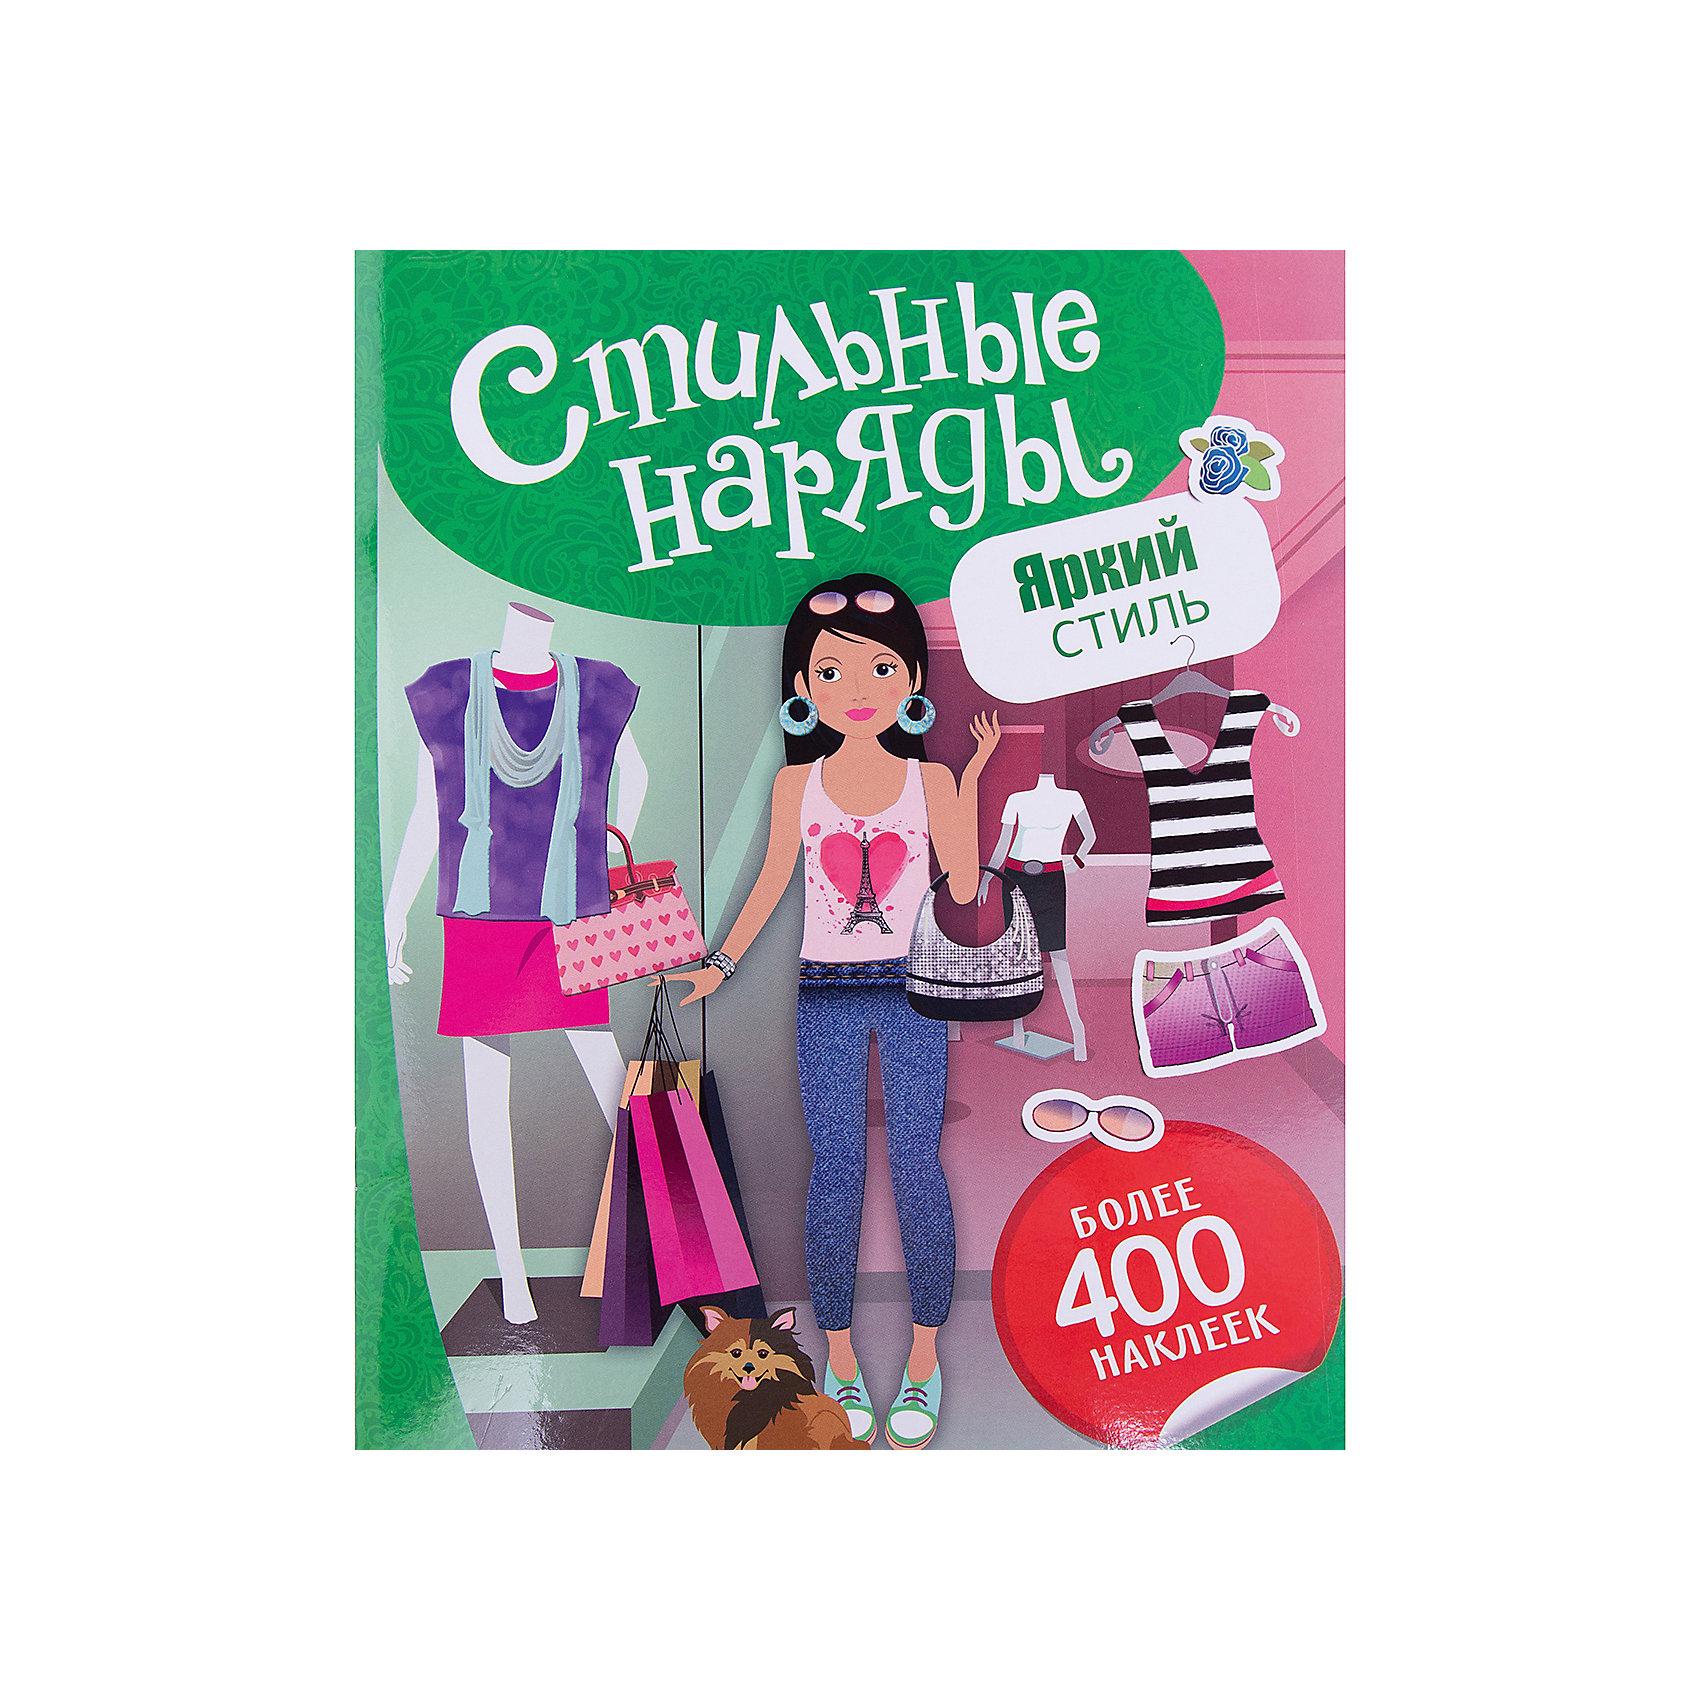 Наклейки Стильные наряды: яркий стильРосмэн<br>Наклейки Стильные наряды. Яркий стиль<br><br>Характеристики:<br><br>• ISBN: 9785353079910<br>• Количество наклеек: большее 400<br>• В комплекте: альбом с наклейками<br><br>В этой книге содержится более 400 наклеек с разными модными аксессуарами и одеждой! Играя с этой книгой, ваш ребенок сможет ощутить себя настоящим дизайнером, составляя модные образы и сочетая различные элементы нарядов между собой. Игра с наклейками способствует развитию мелкой моторики у детей, а яркие и красочные изображения надолго увлекут игрой.<br><br>Наклейки Стильные наряды. Яркий стиль можно купить в нашем интернет-магазине.<br><br>Ширина мм: 295<br>Глубина мм: 240<br>Высота мм: 30<br>Вес г: 218<br>Возраст от месяцев: 60<br>Возраст до месяцев: 2147483647<br>Пол: Женский<br>Возраст: Детский<br>SKU: 5507141